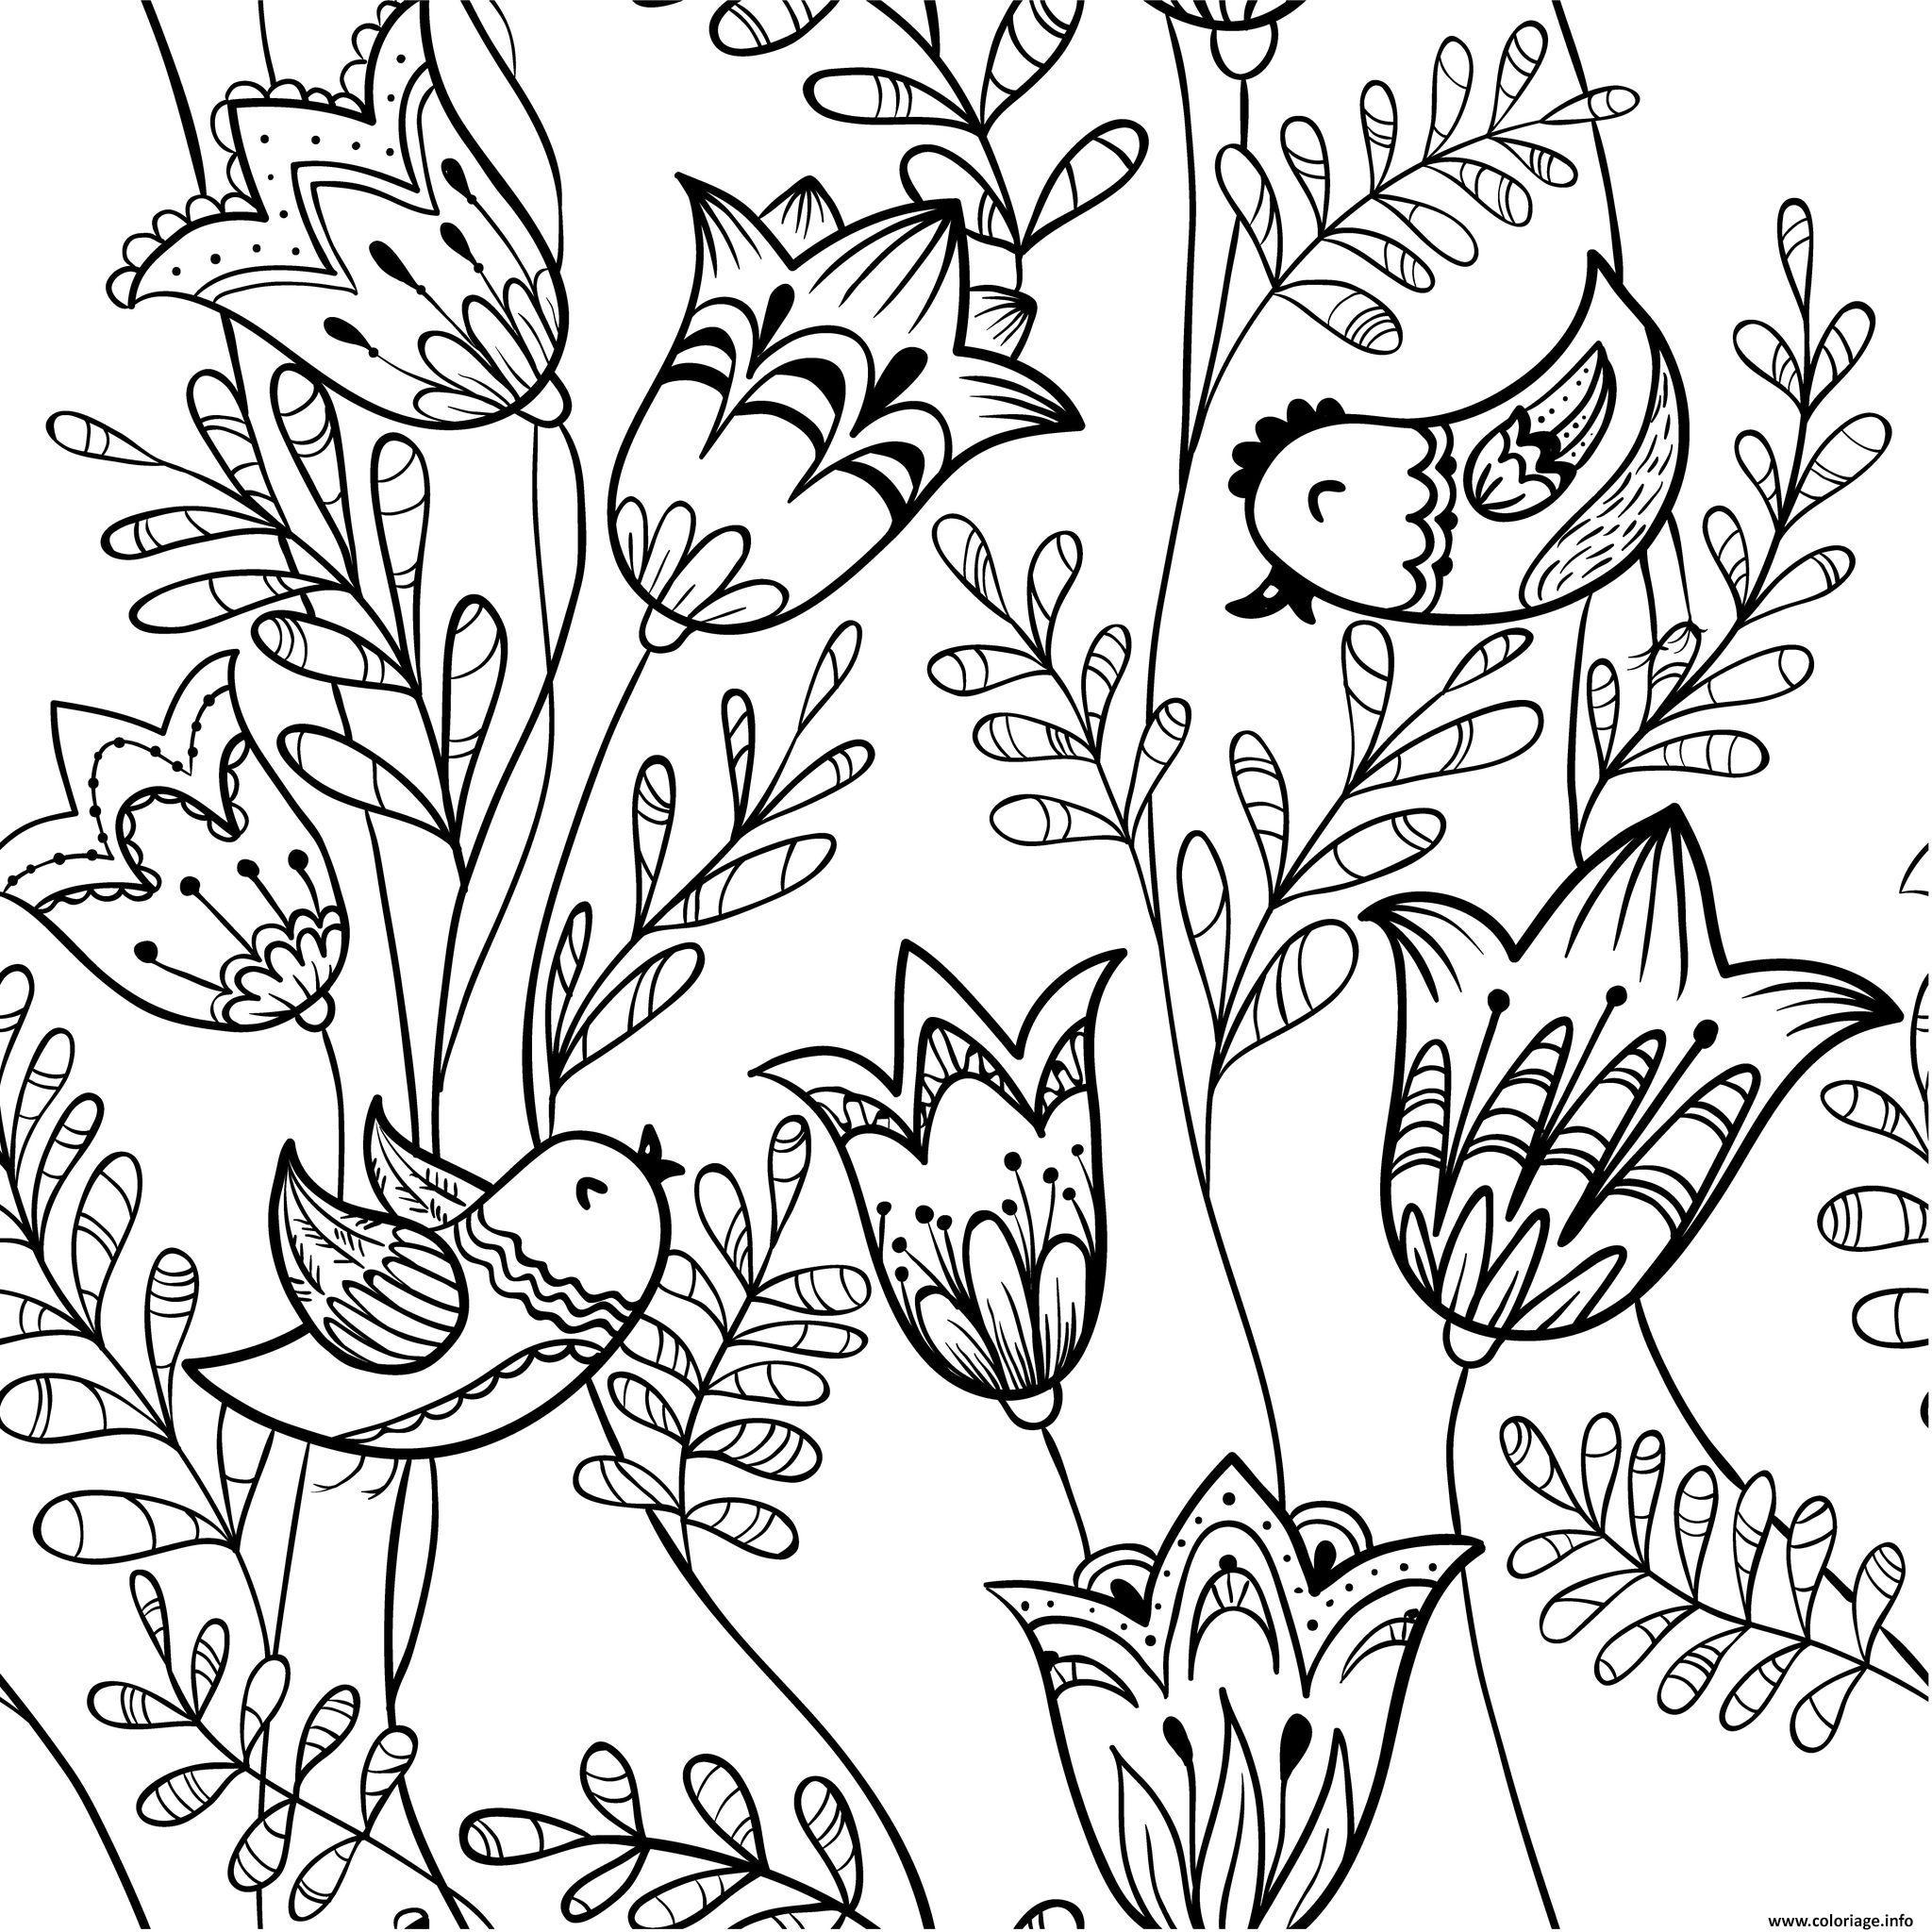 Coloriage Nature Fleurs Oiseaux Adulte Dessin tout Dessin Printemps Paysage